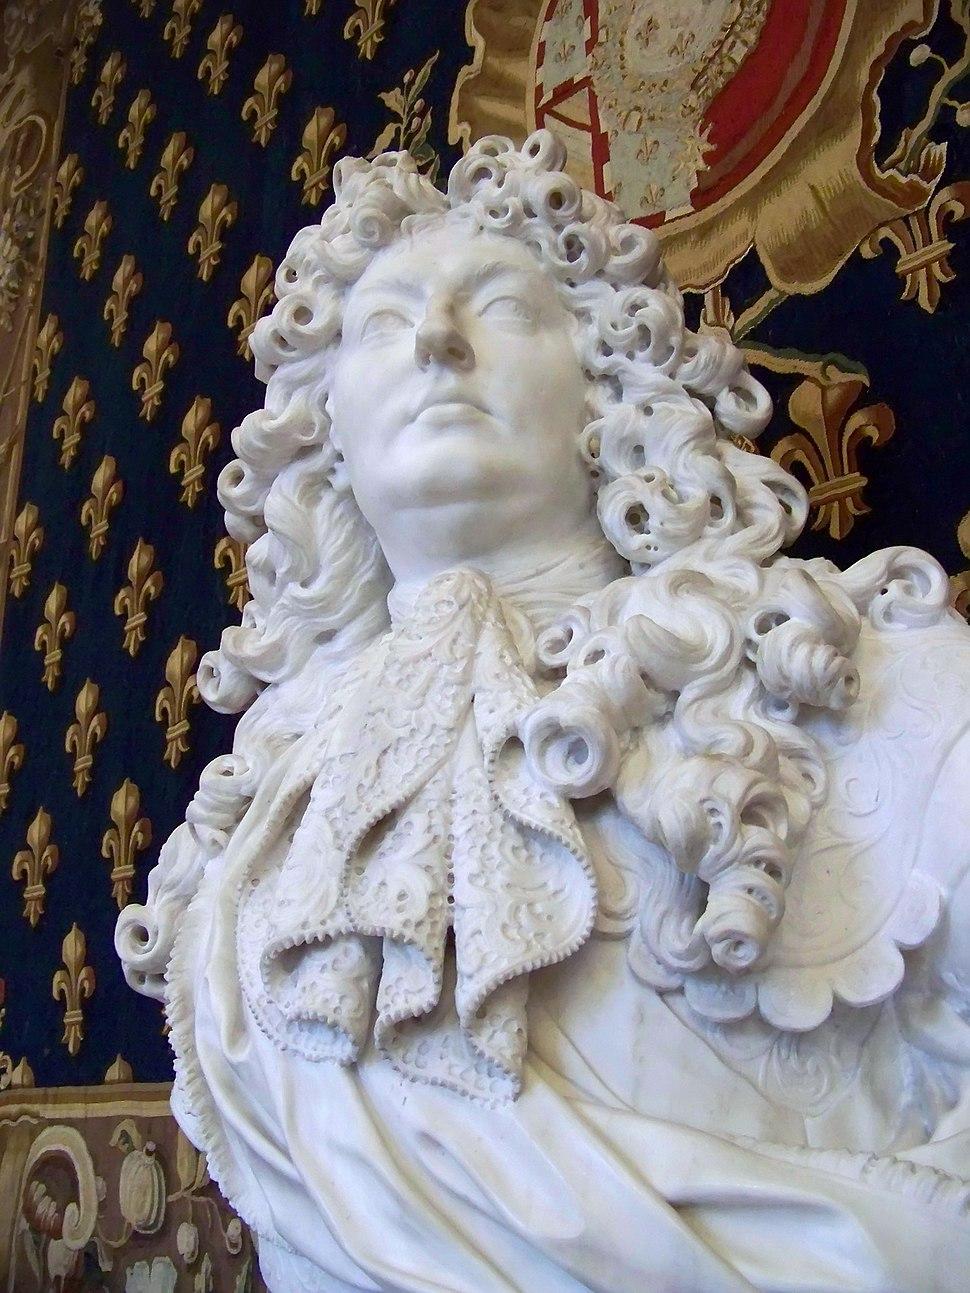 Musée des Beaux-Arts de Dijon - Louis XIV 2